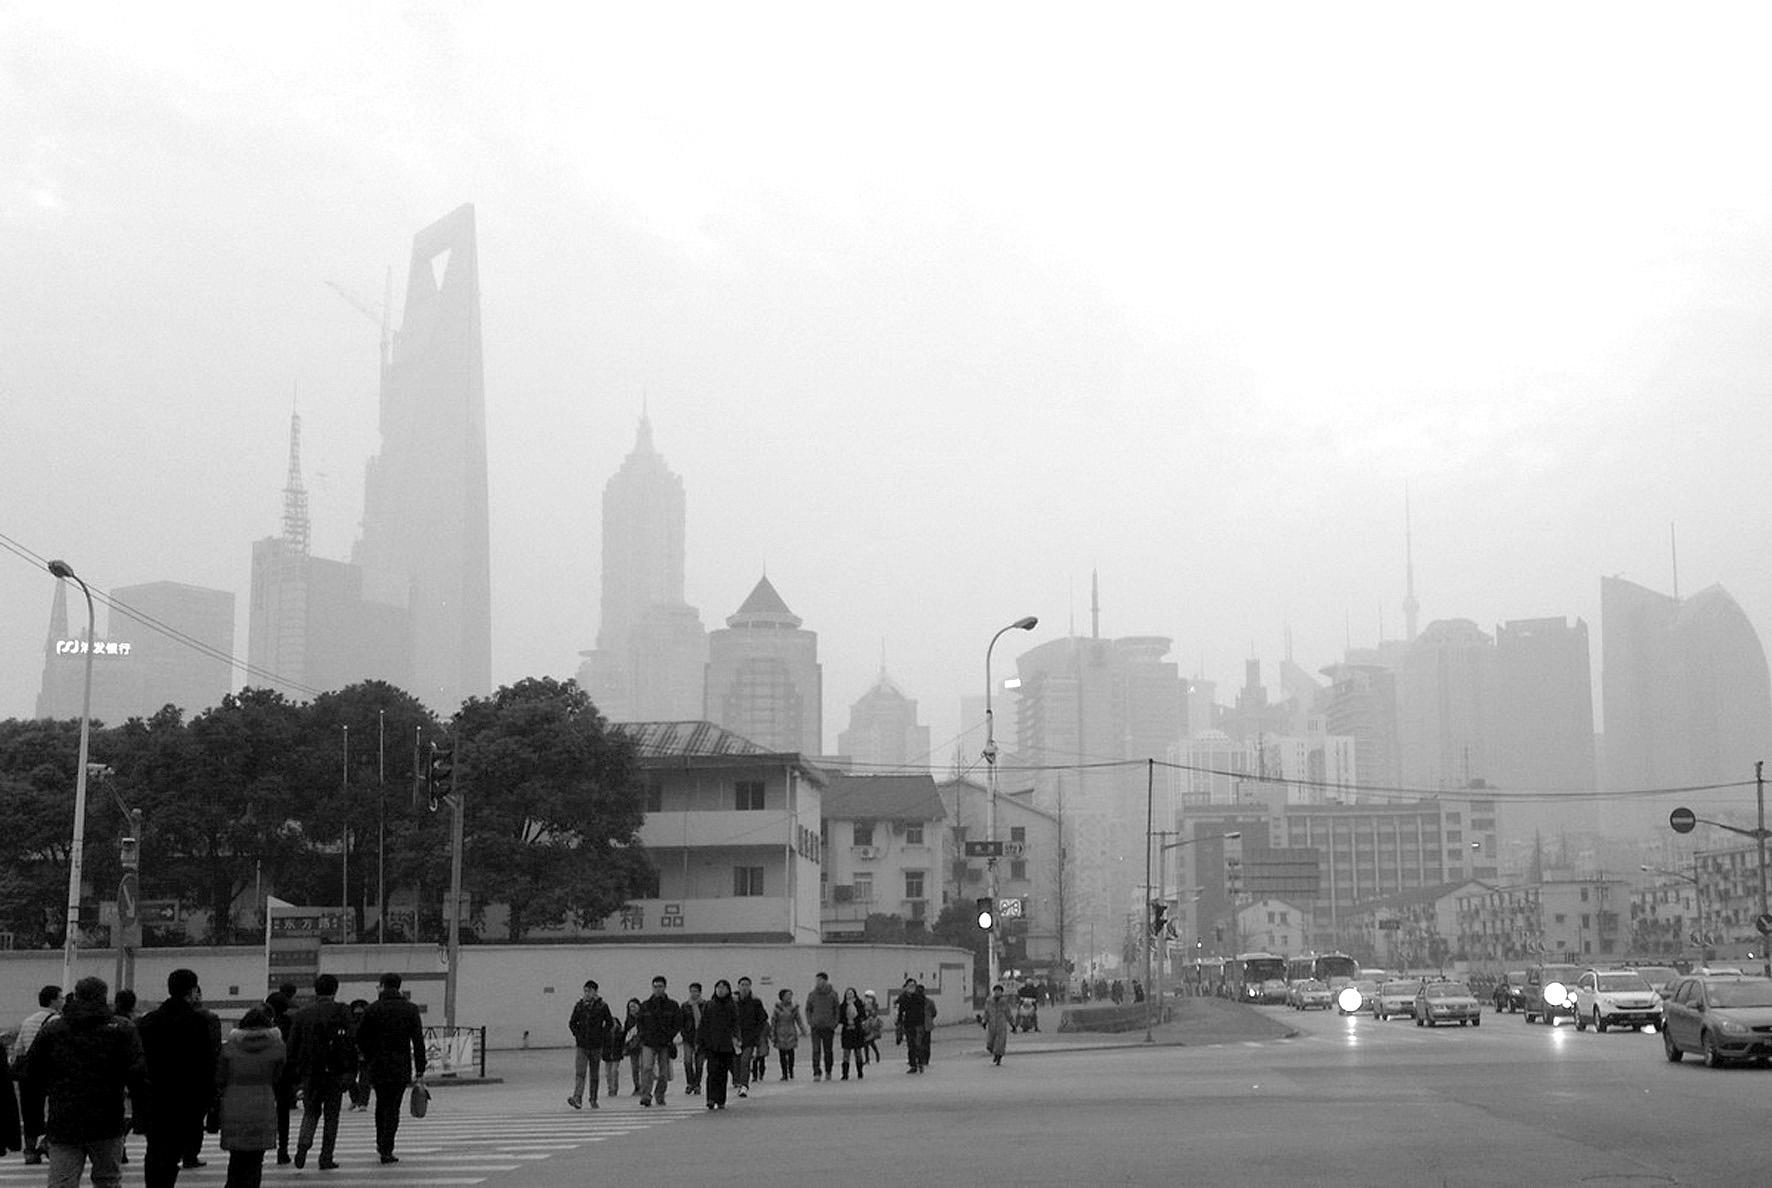 2019年我省大气质量持续改善,PM10、PM2.5浓度降幅超额完成了年度目标任务